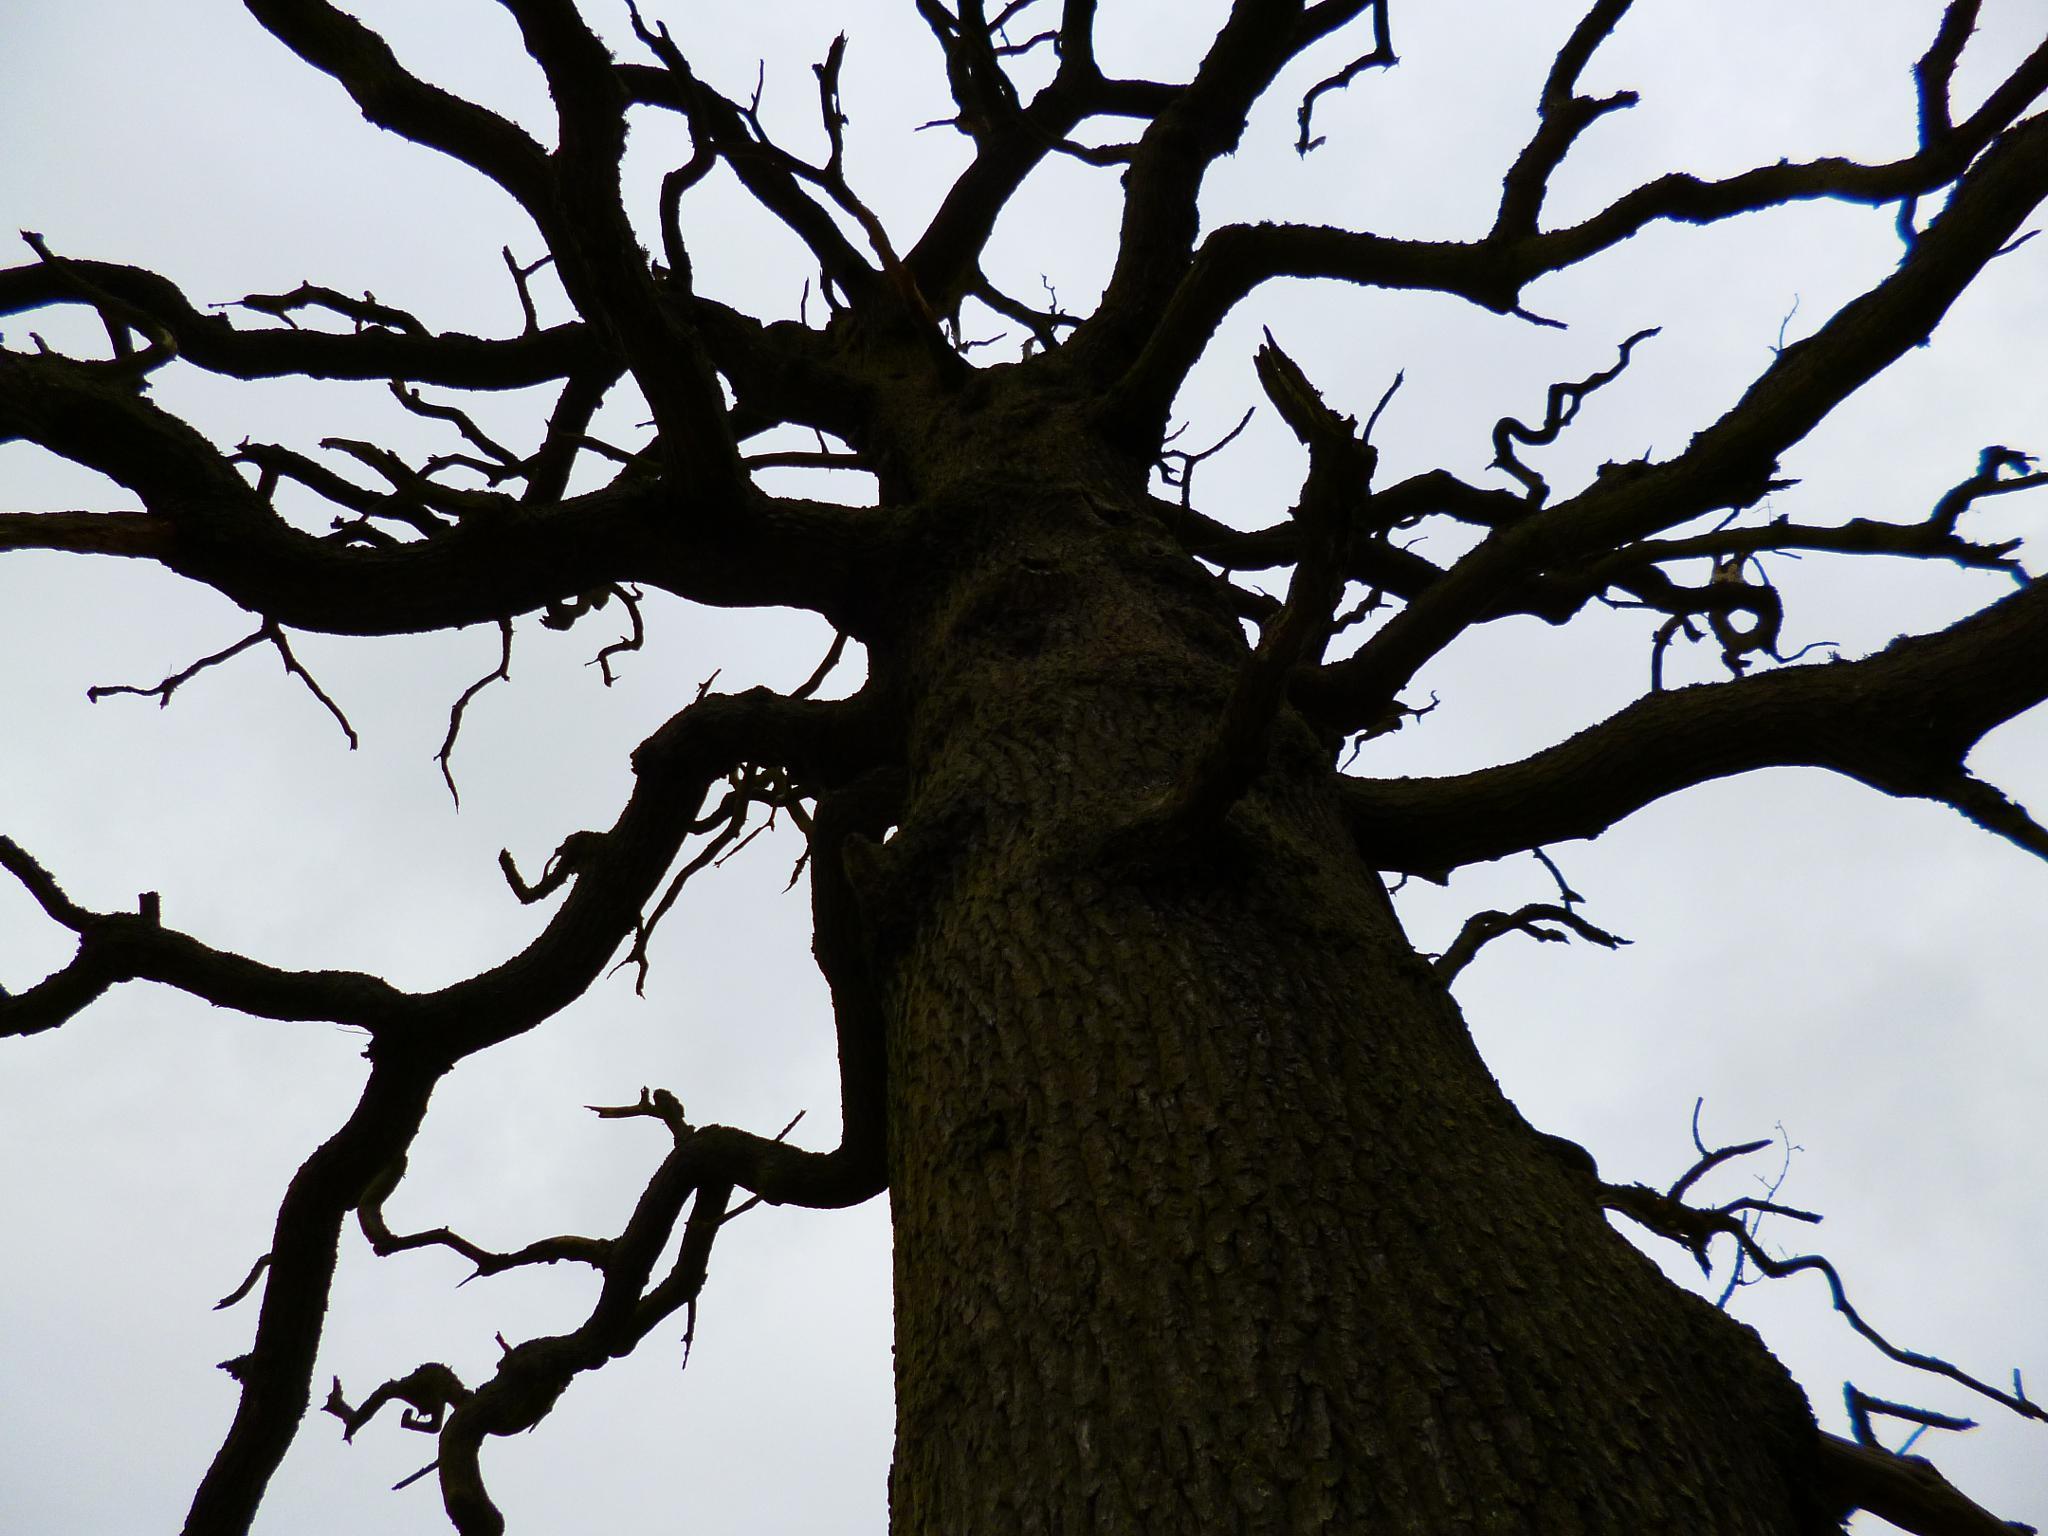 Ye olde oak by arnejan